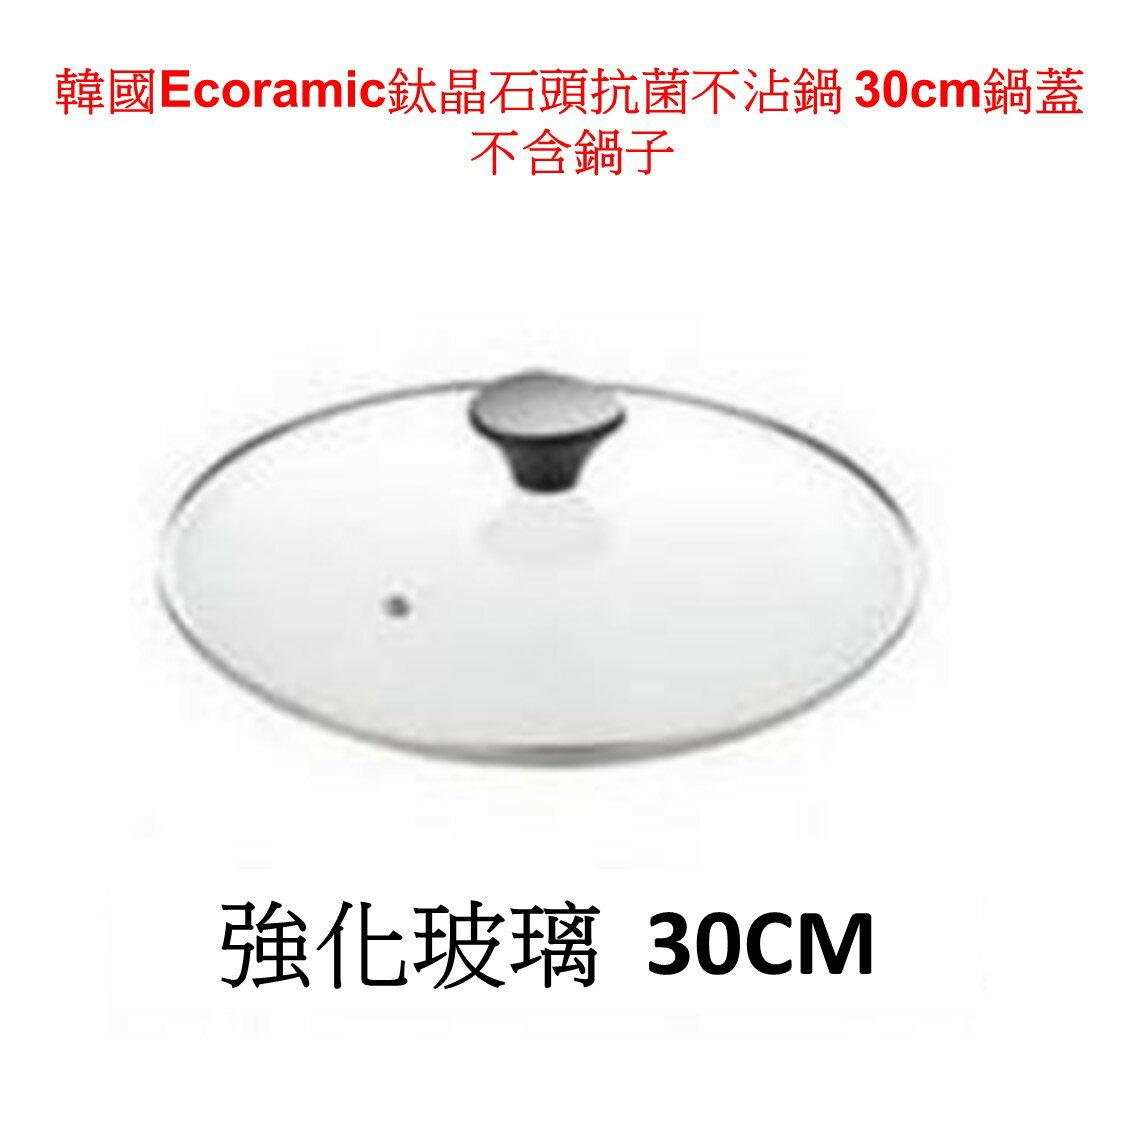 【現貨】韓國Ecoramic鈦晶石頭抗菌不沾鍋 平底鍋 大深鍋 30cm鍋蓋 (不含鍋子) 【樂活生活館】